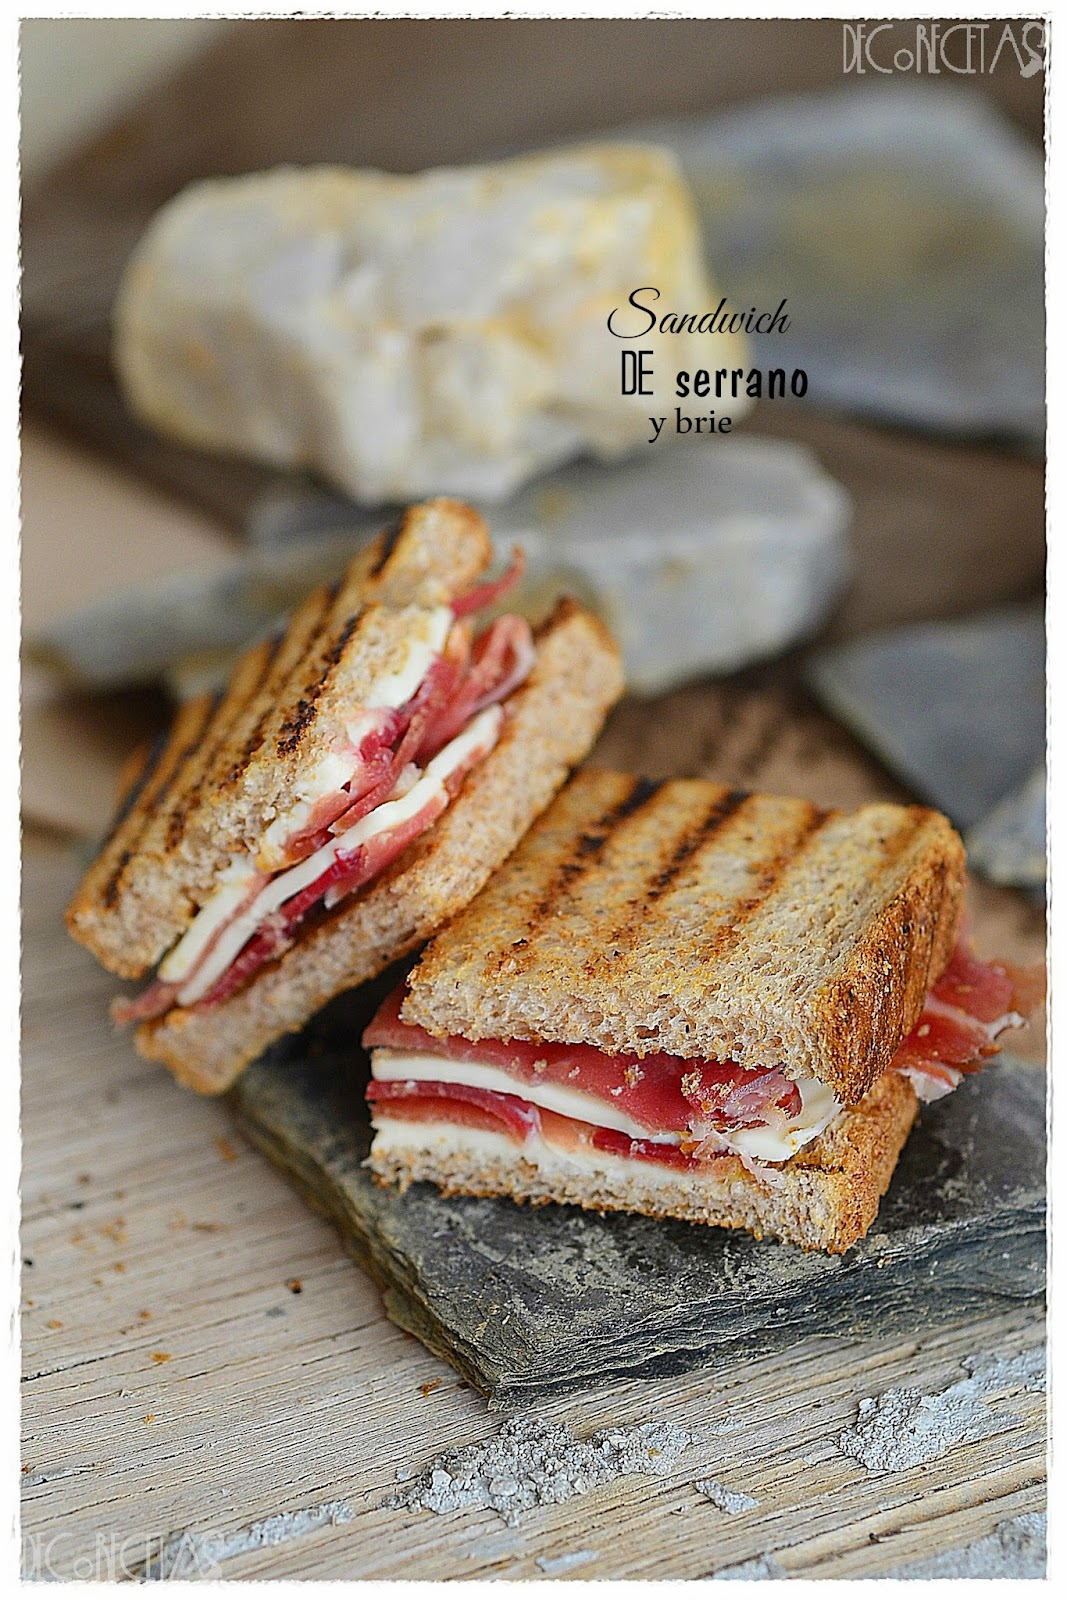 Sandwich de serrano y brie del Asalta Blogs